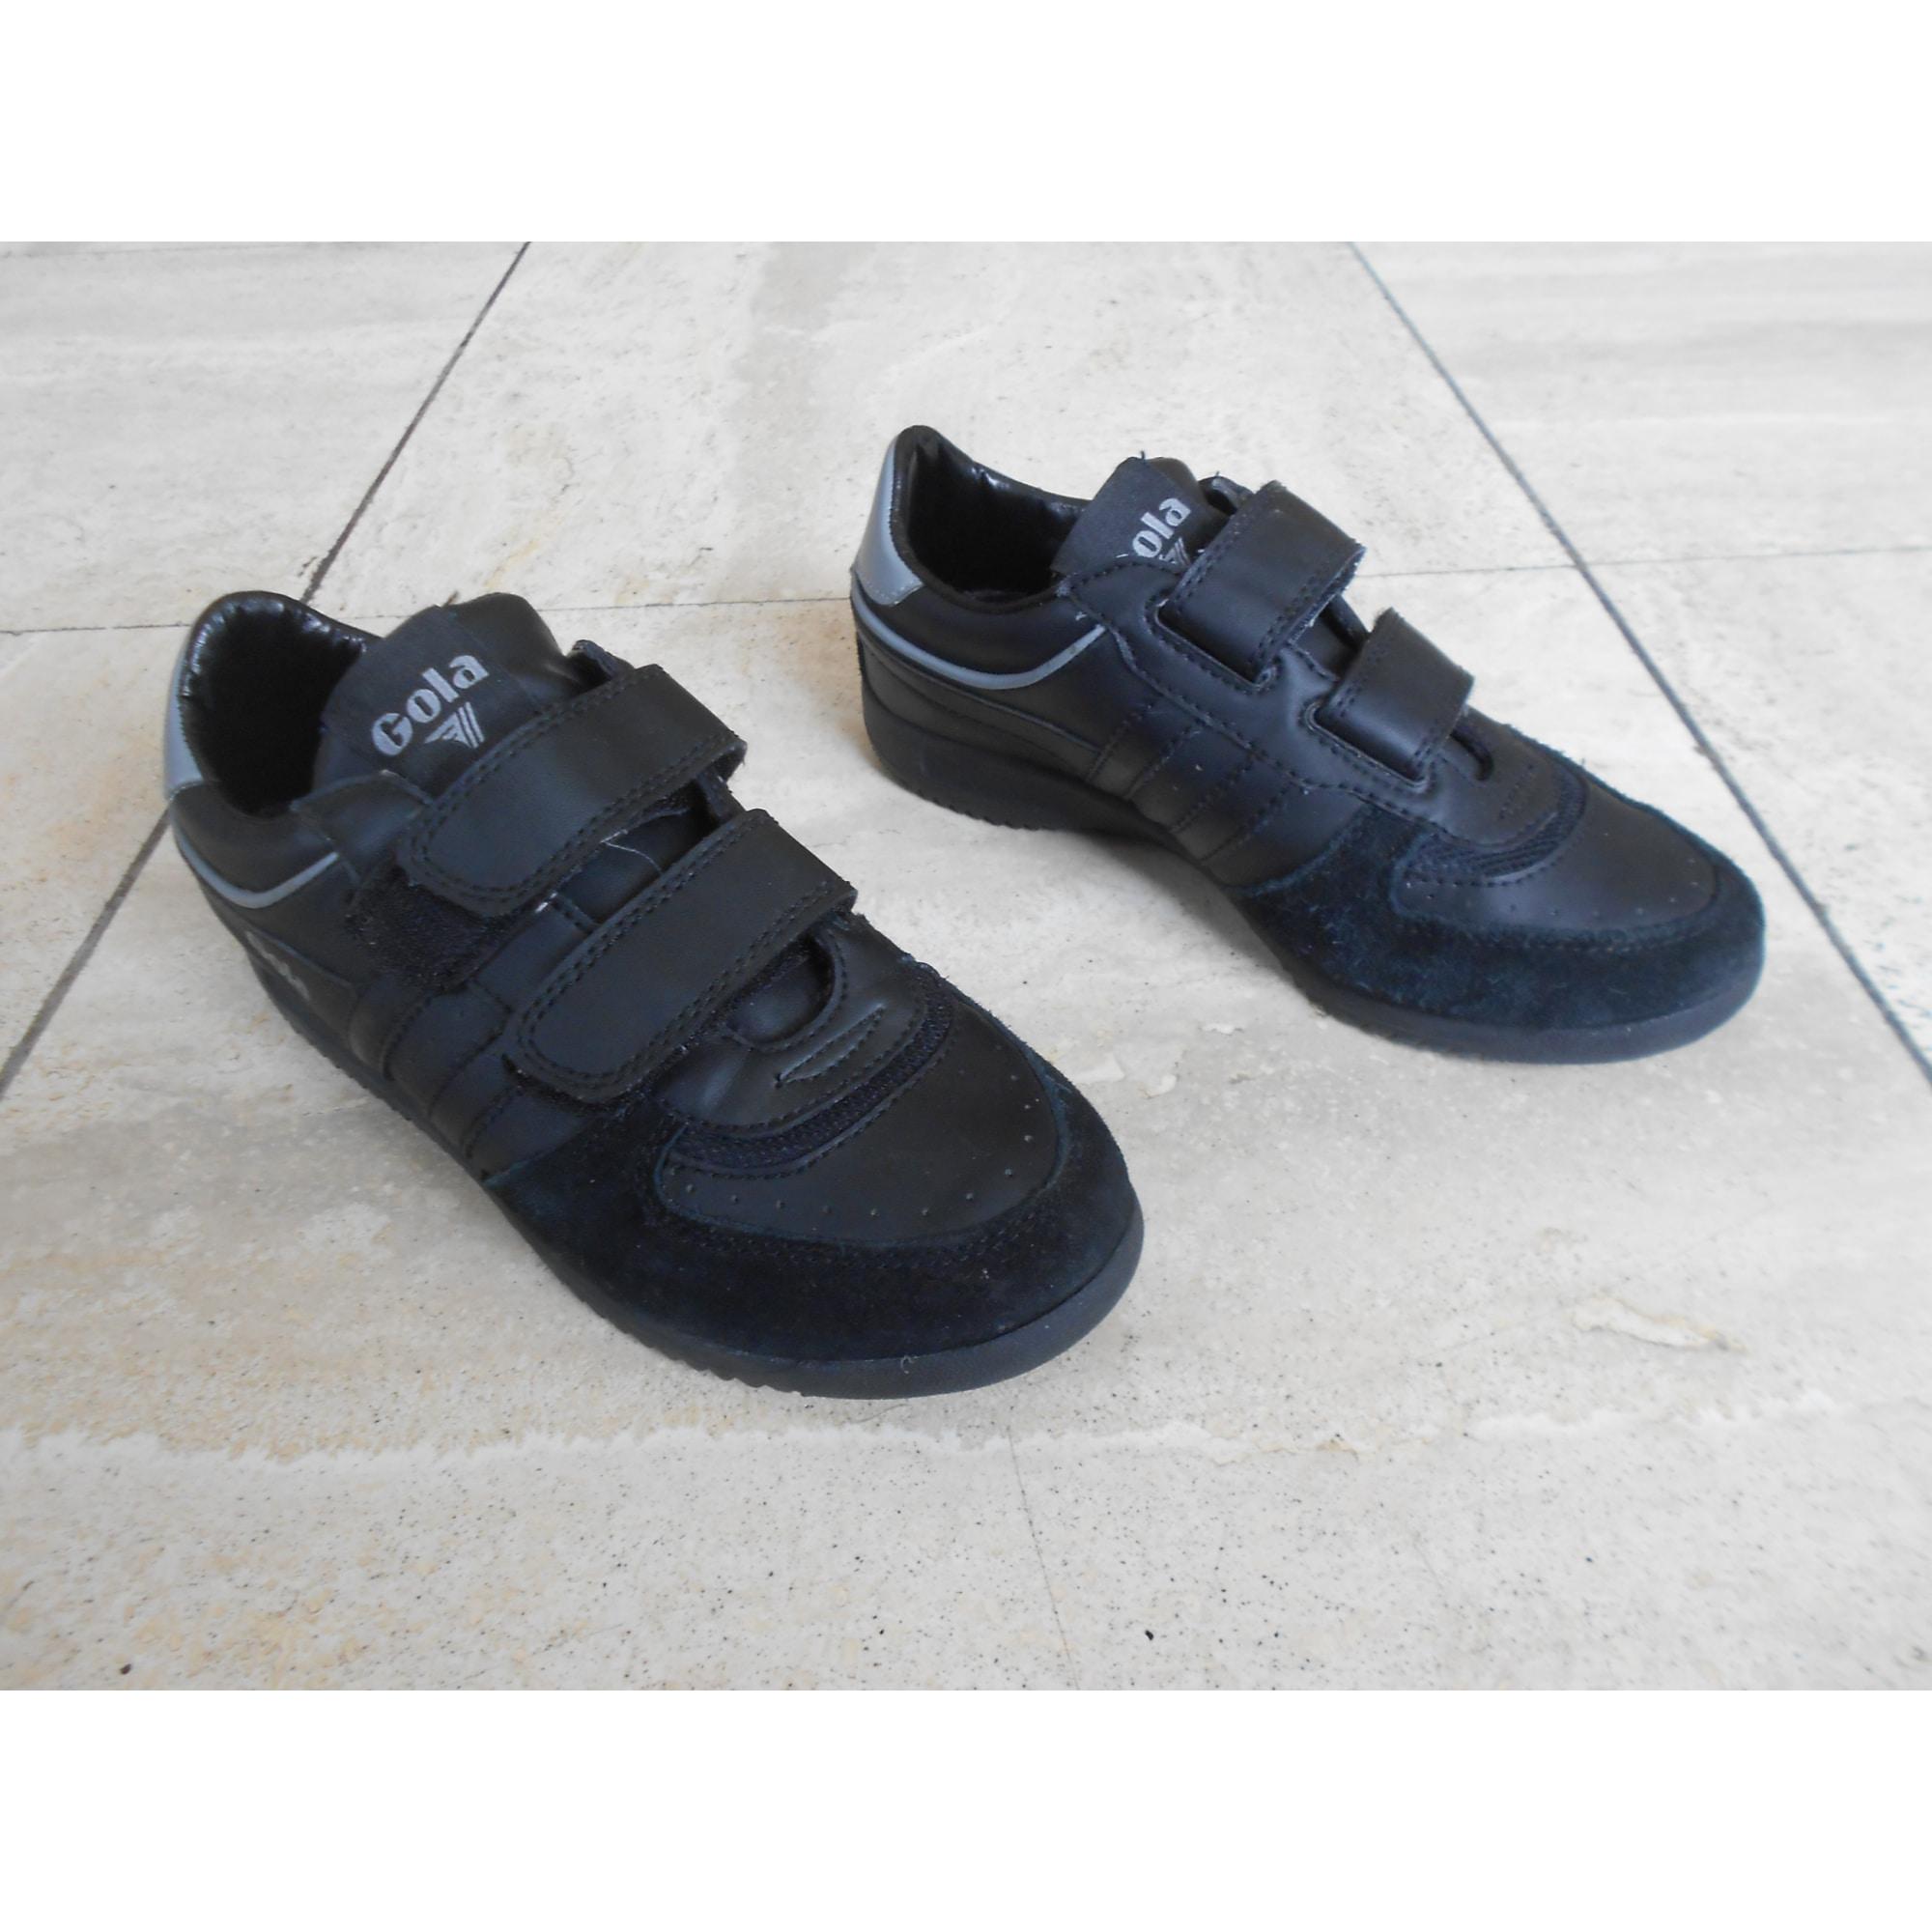 Noir 6252651 Vendu Par Emmanuelle1 Gola Chaussures Scratch 33 À wqxA7W8UI